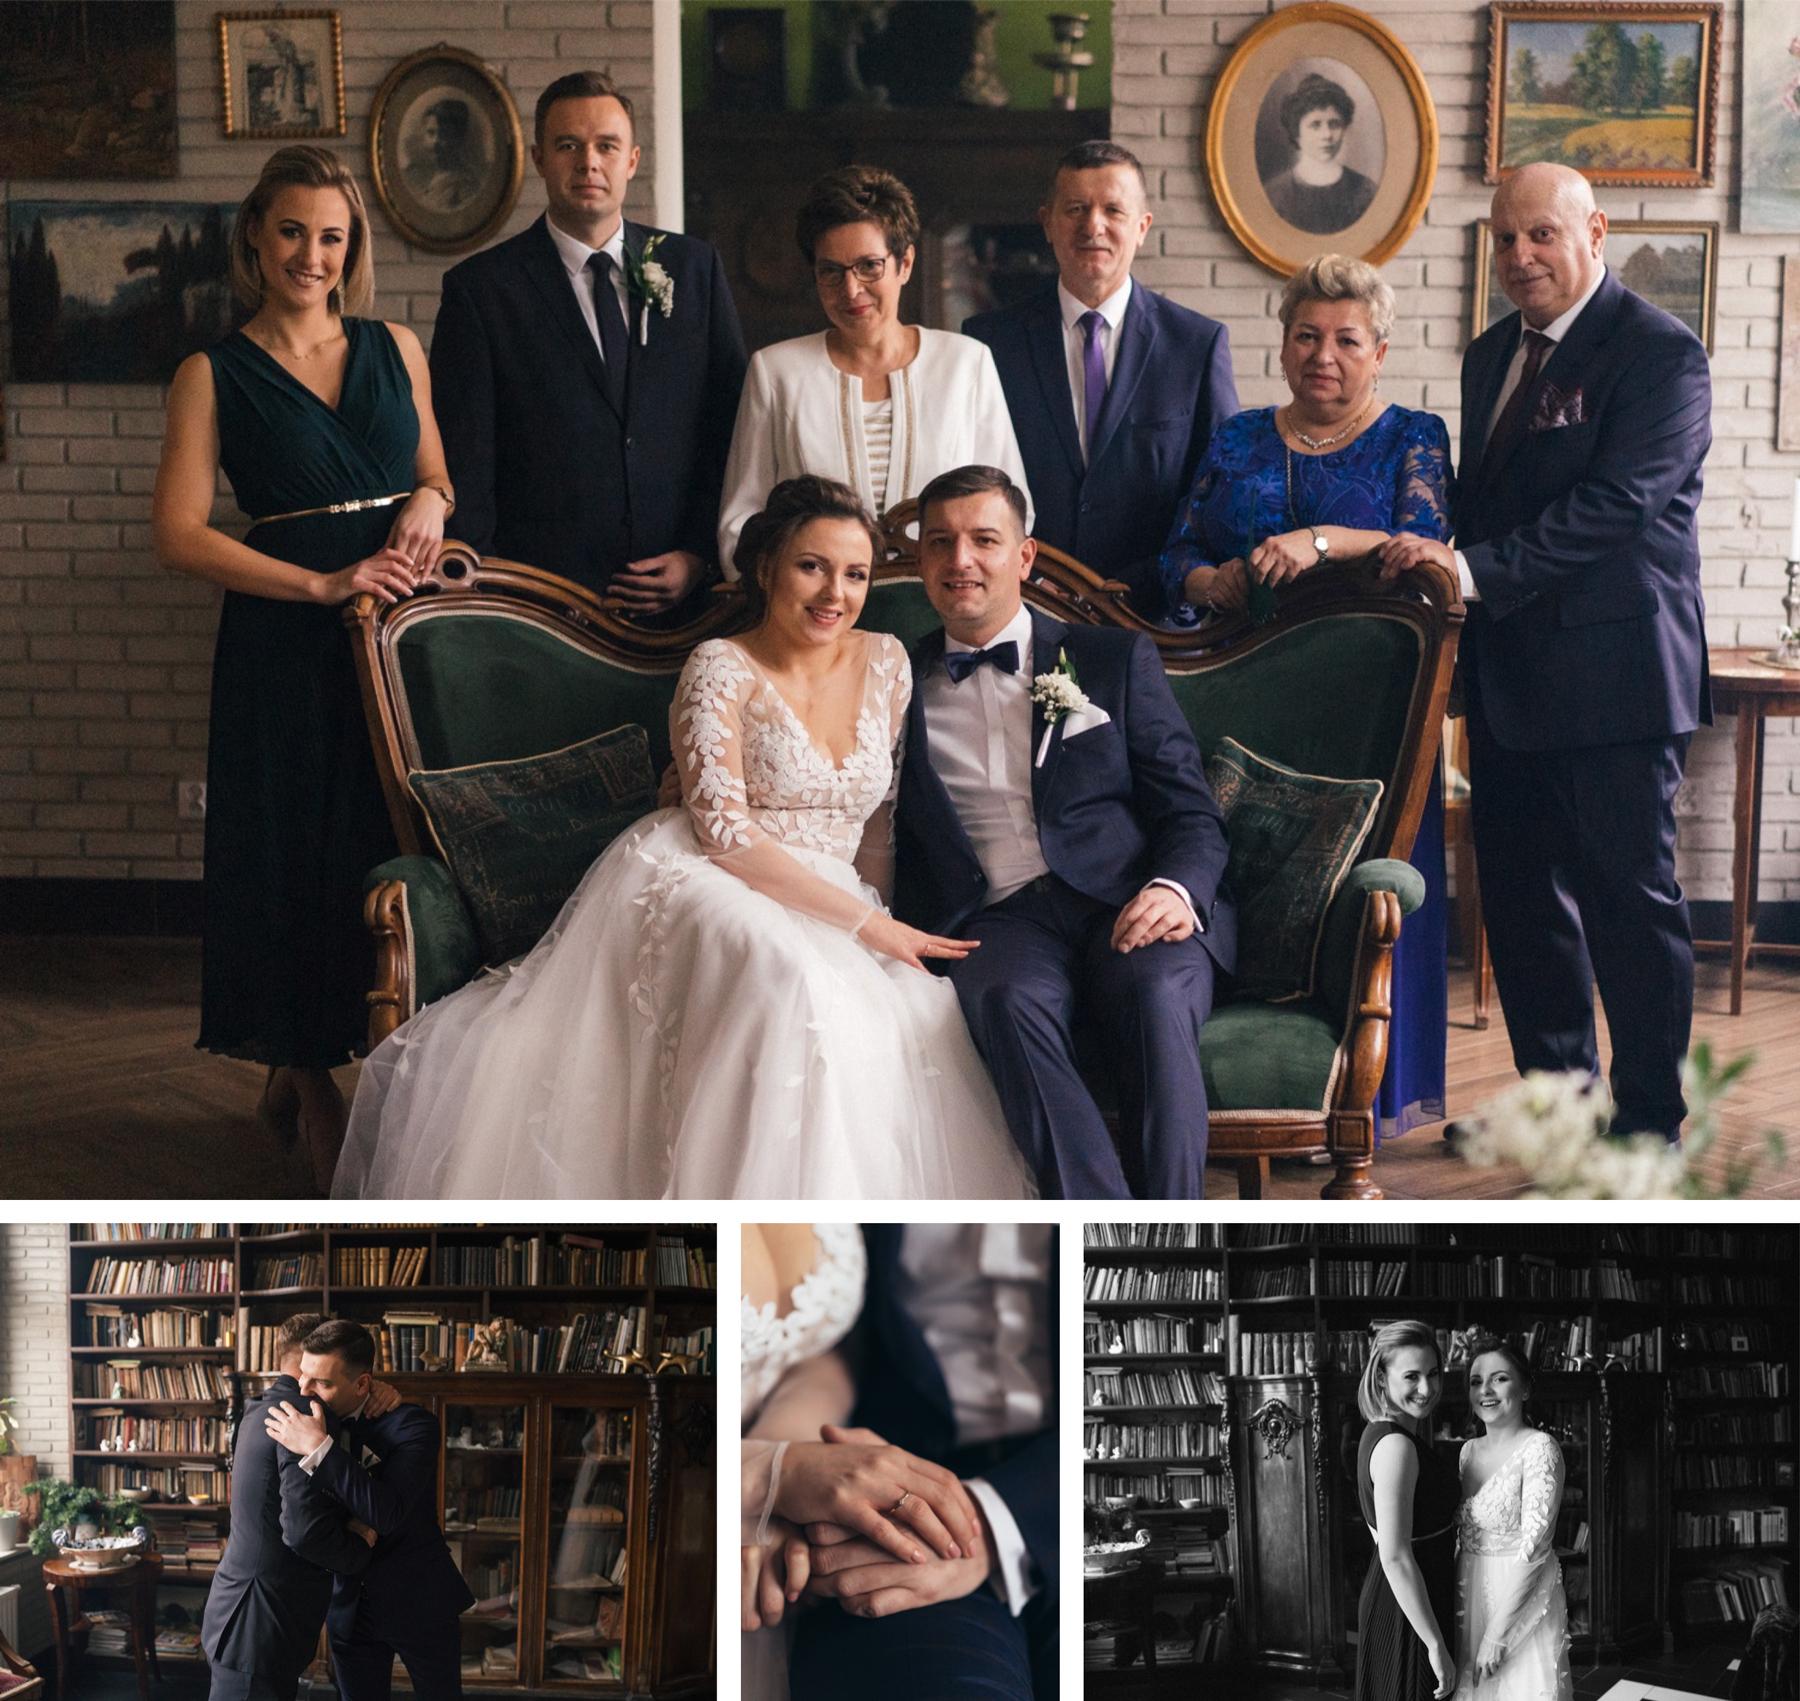 zdjęcia rodzinne pałac malina kutno łódź fotograf ślubny błogosławieństwo